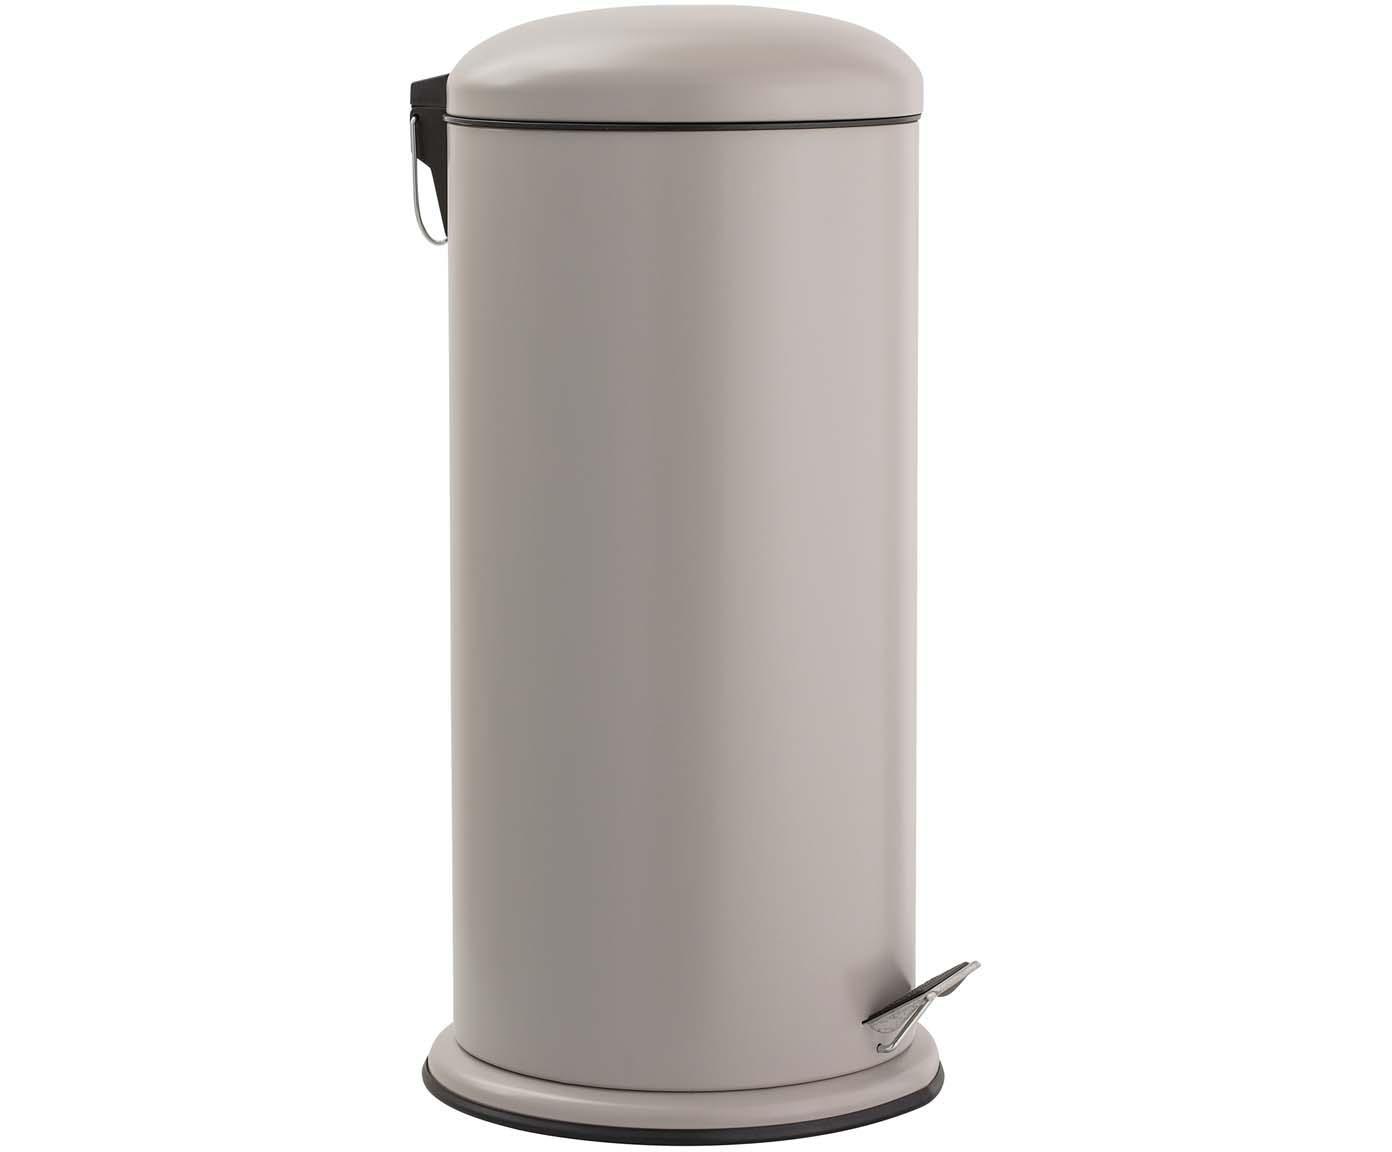 Afvalemmer Dustbin, Beige, Ø 30 x H 68 cm